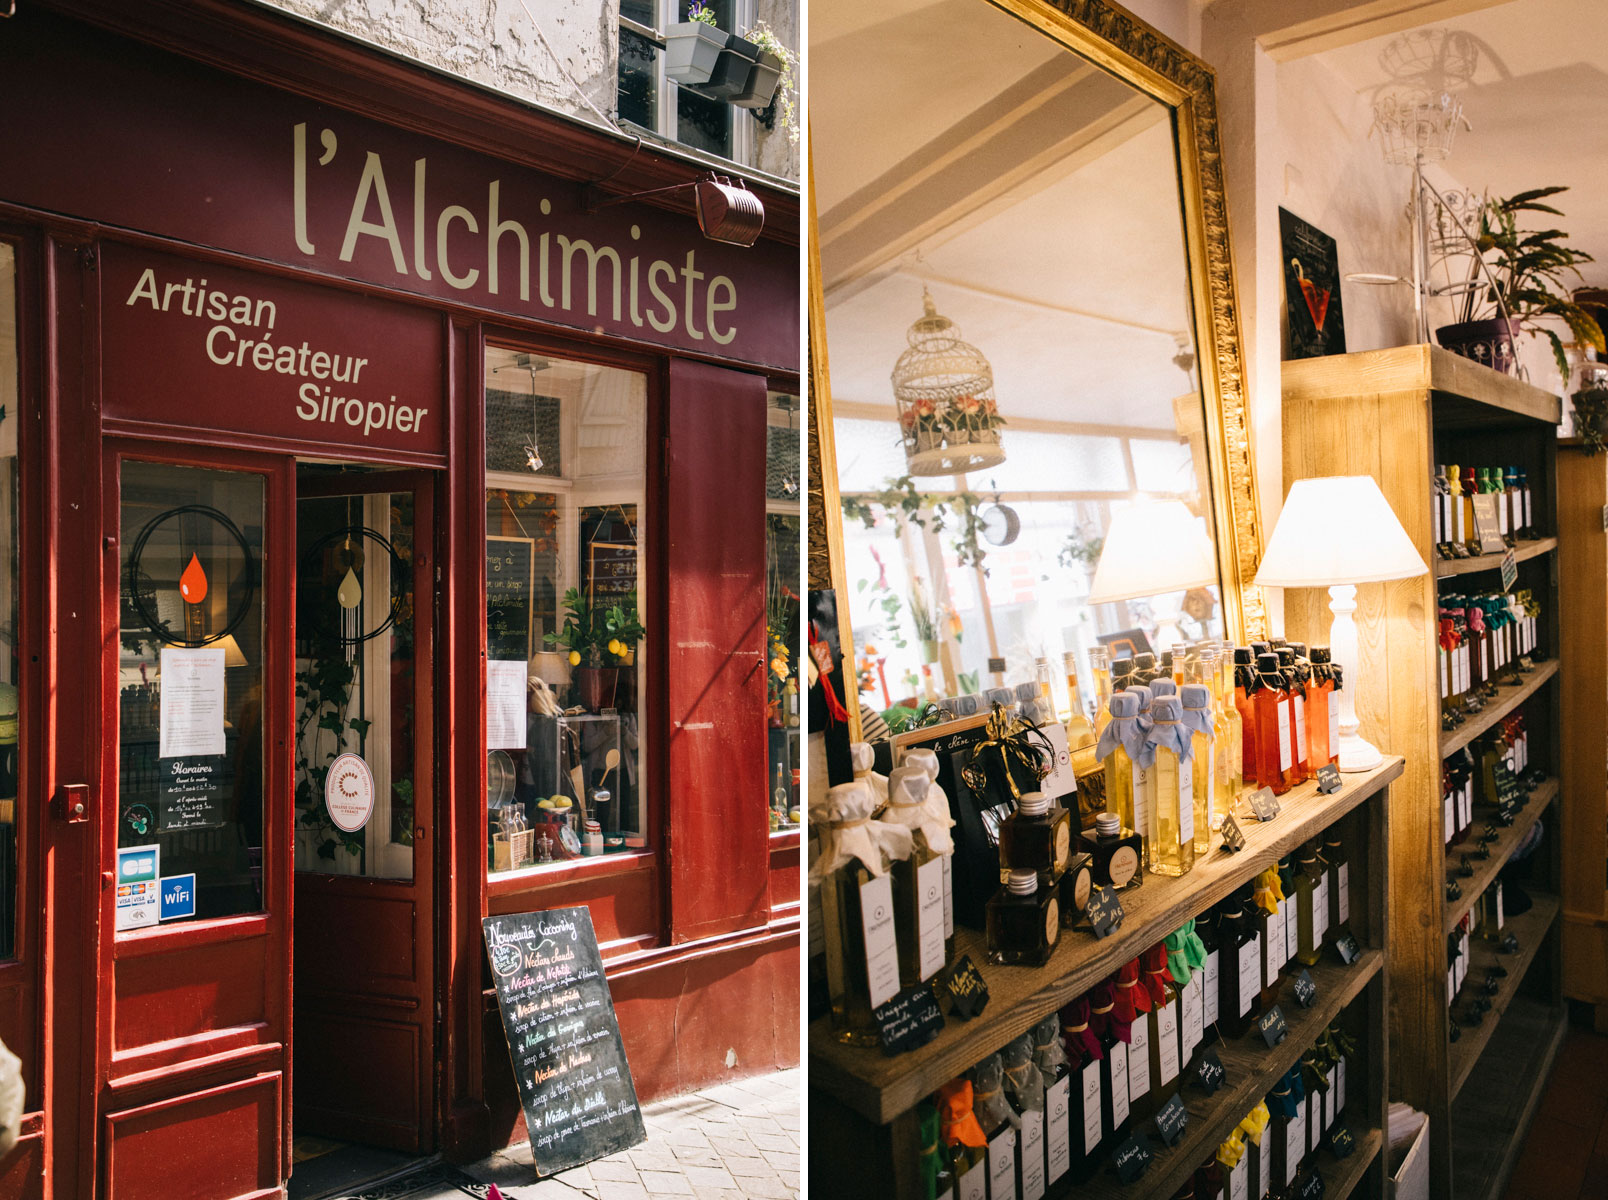 La boutique artisanale de l'Alchimiste siropier à Chevreuse